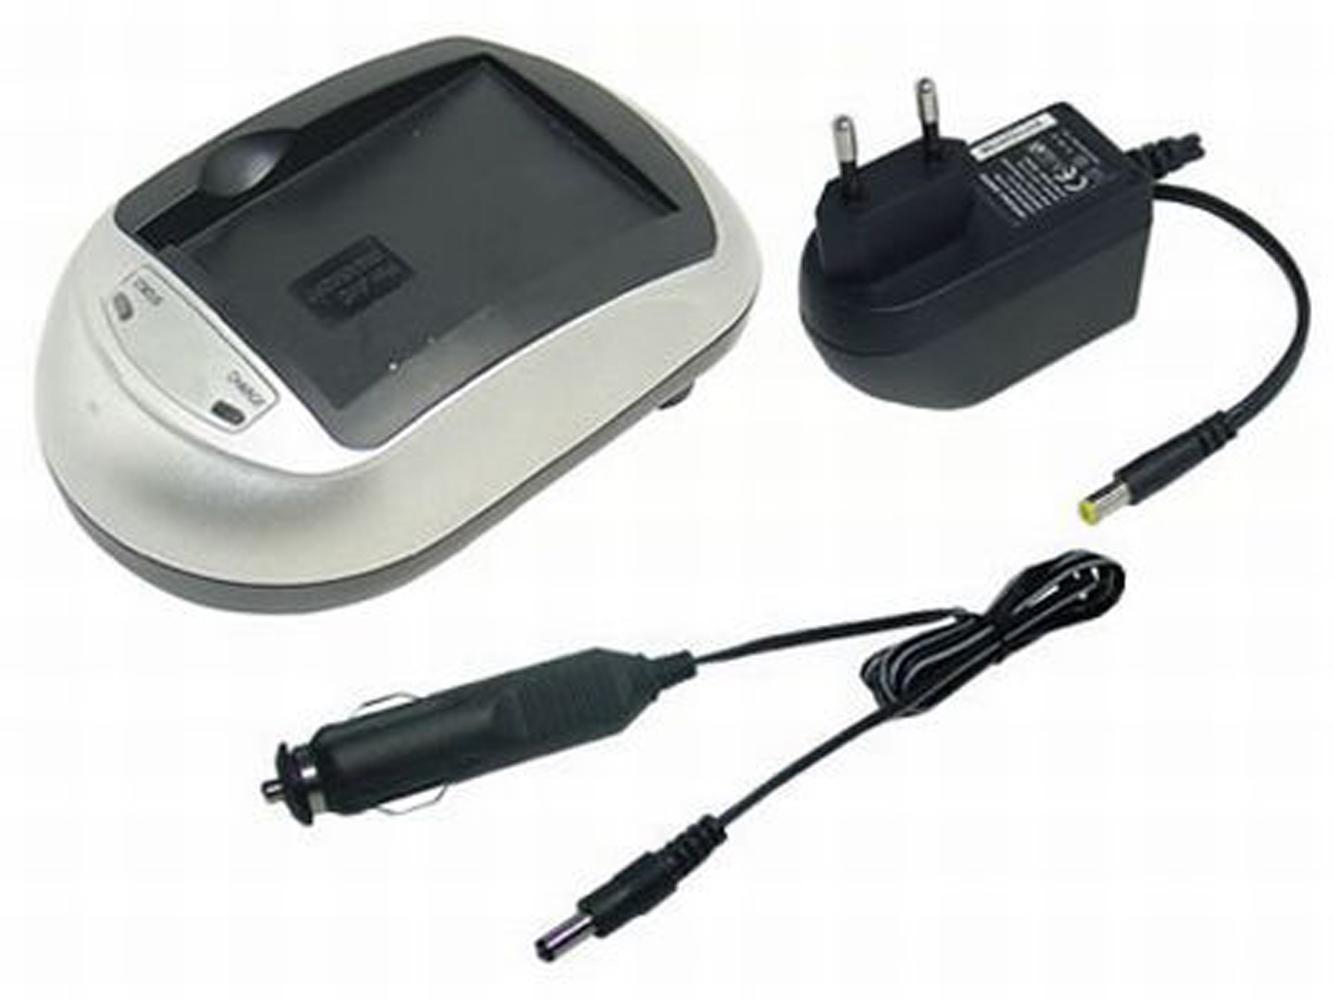 Battery Charger for JVC BN-VM200, BN-VM200U, AA-V200, AA-V200U, BN-VM200US